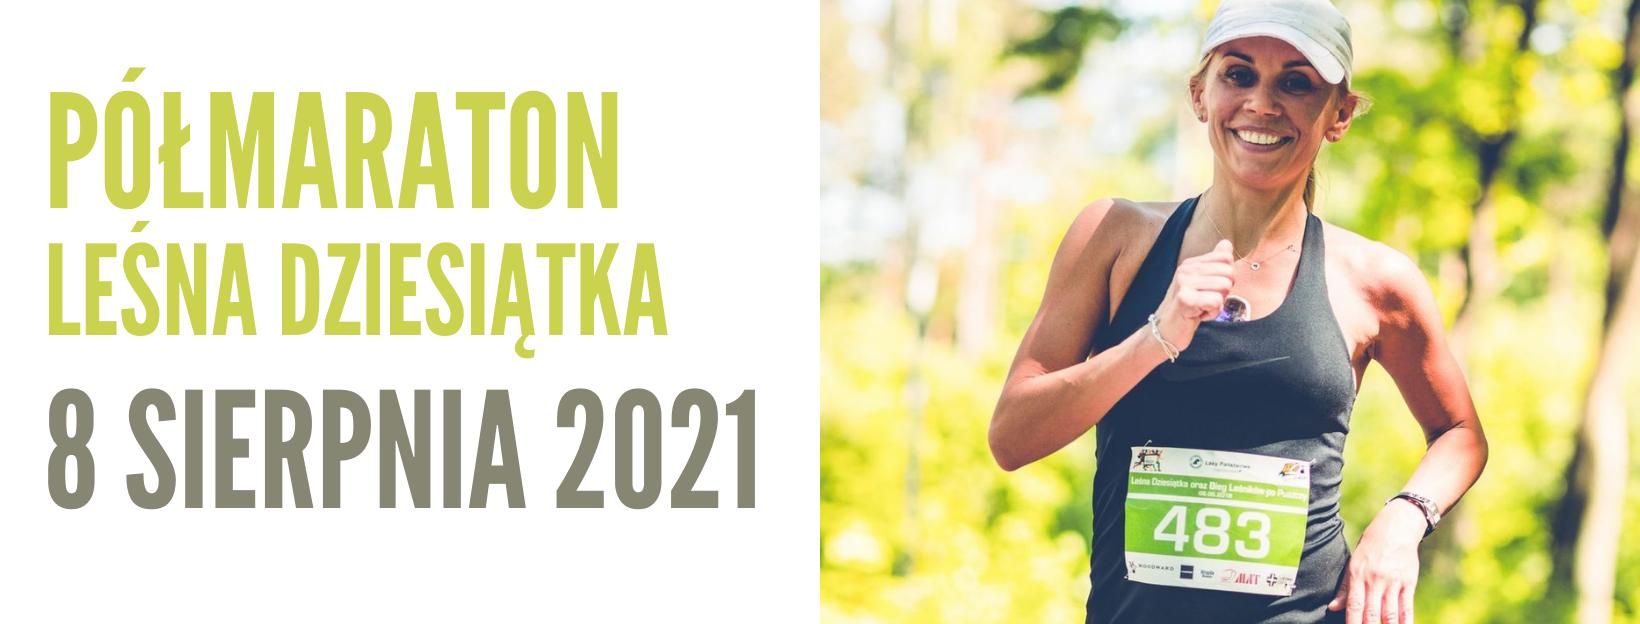 Bieg po Puszczy 2021 Niepołomice | Aktywer